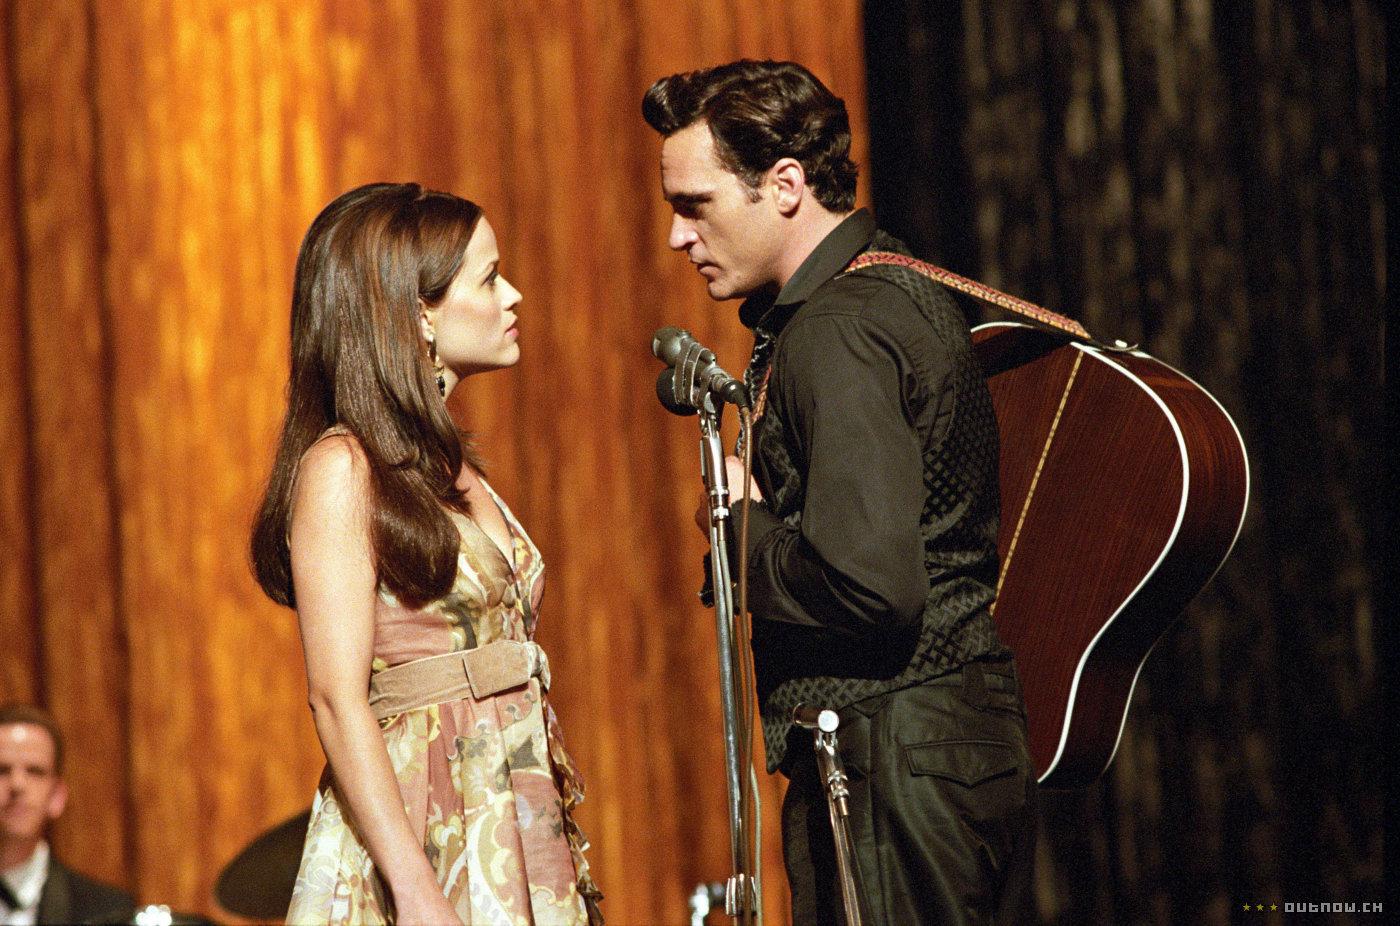 Joaquim Phoenix e Reese Witherspoon em cinebiografia de Johnny Cash